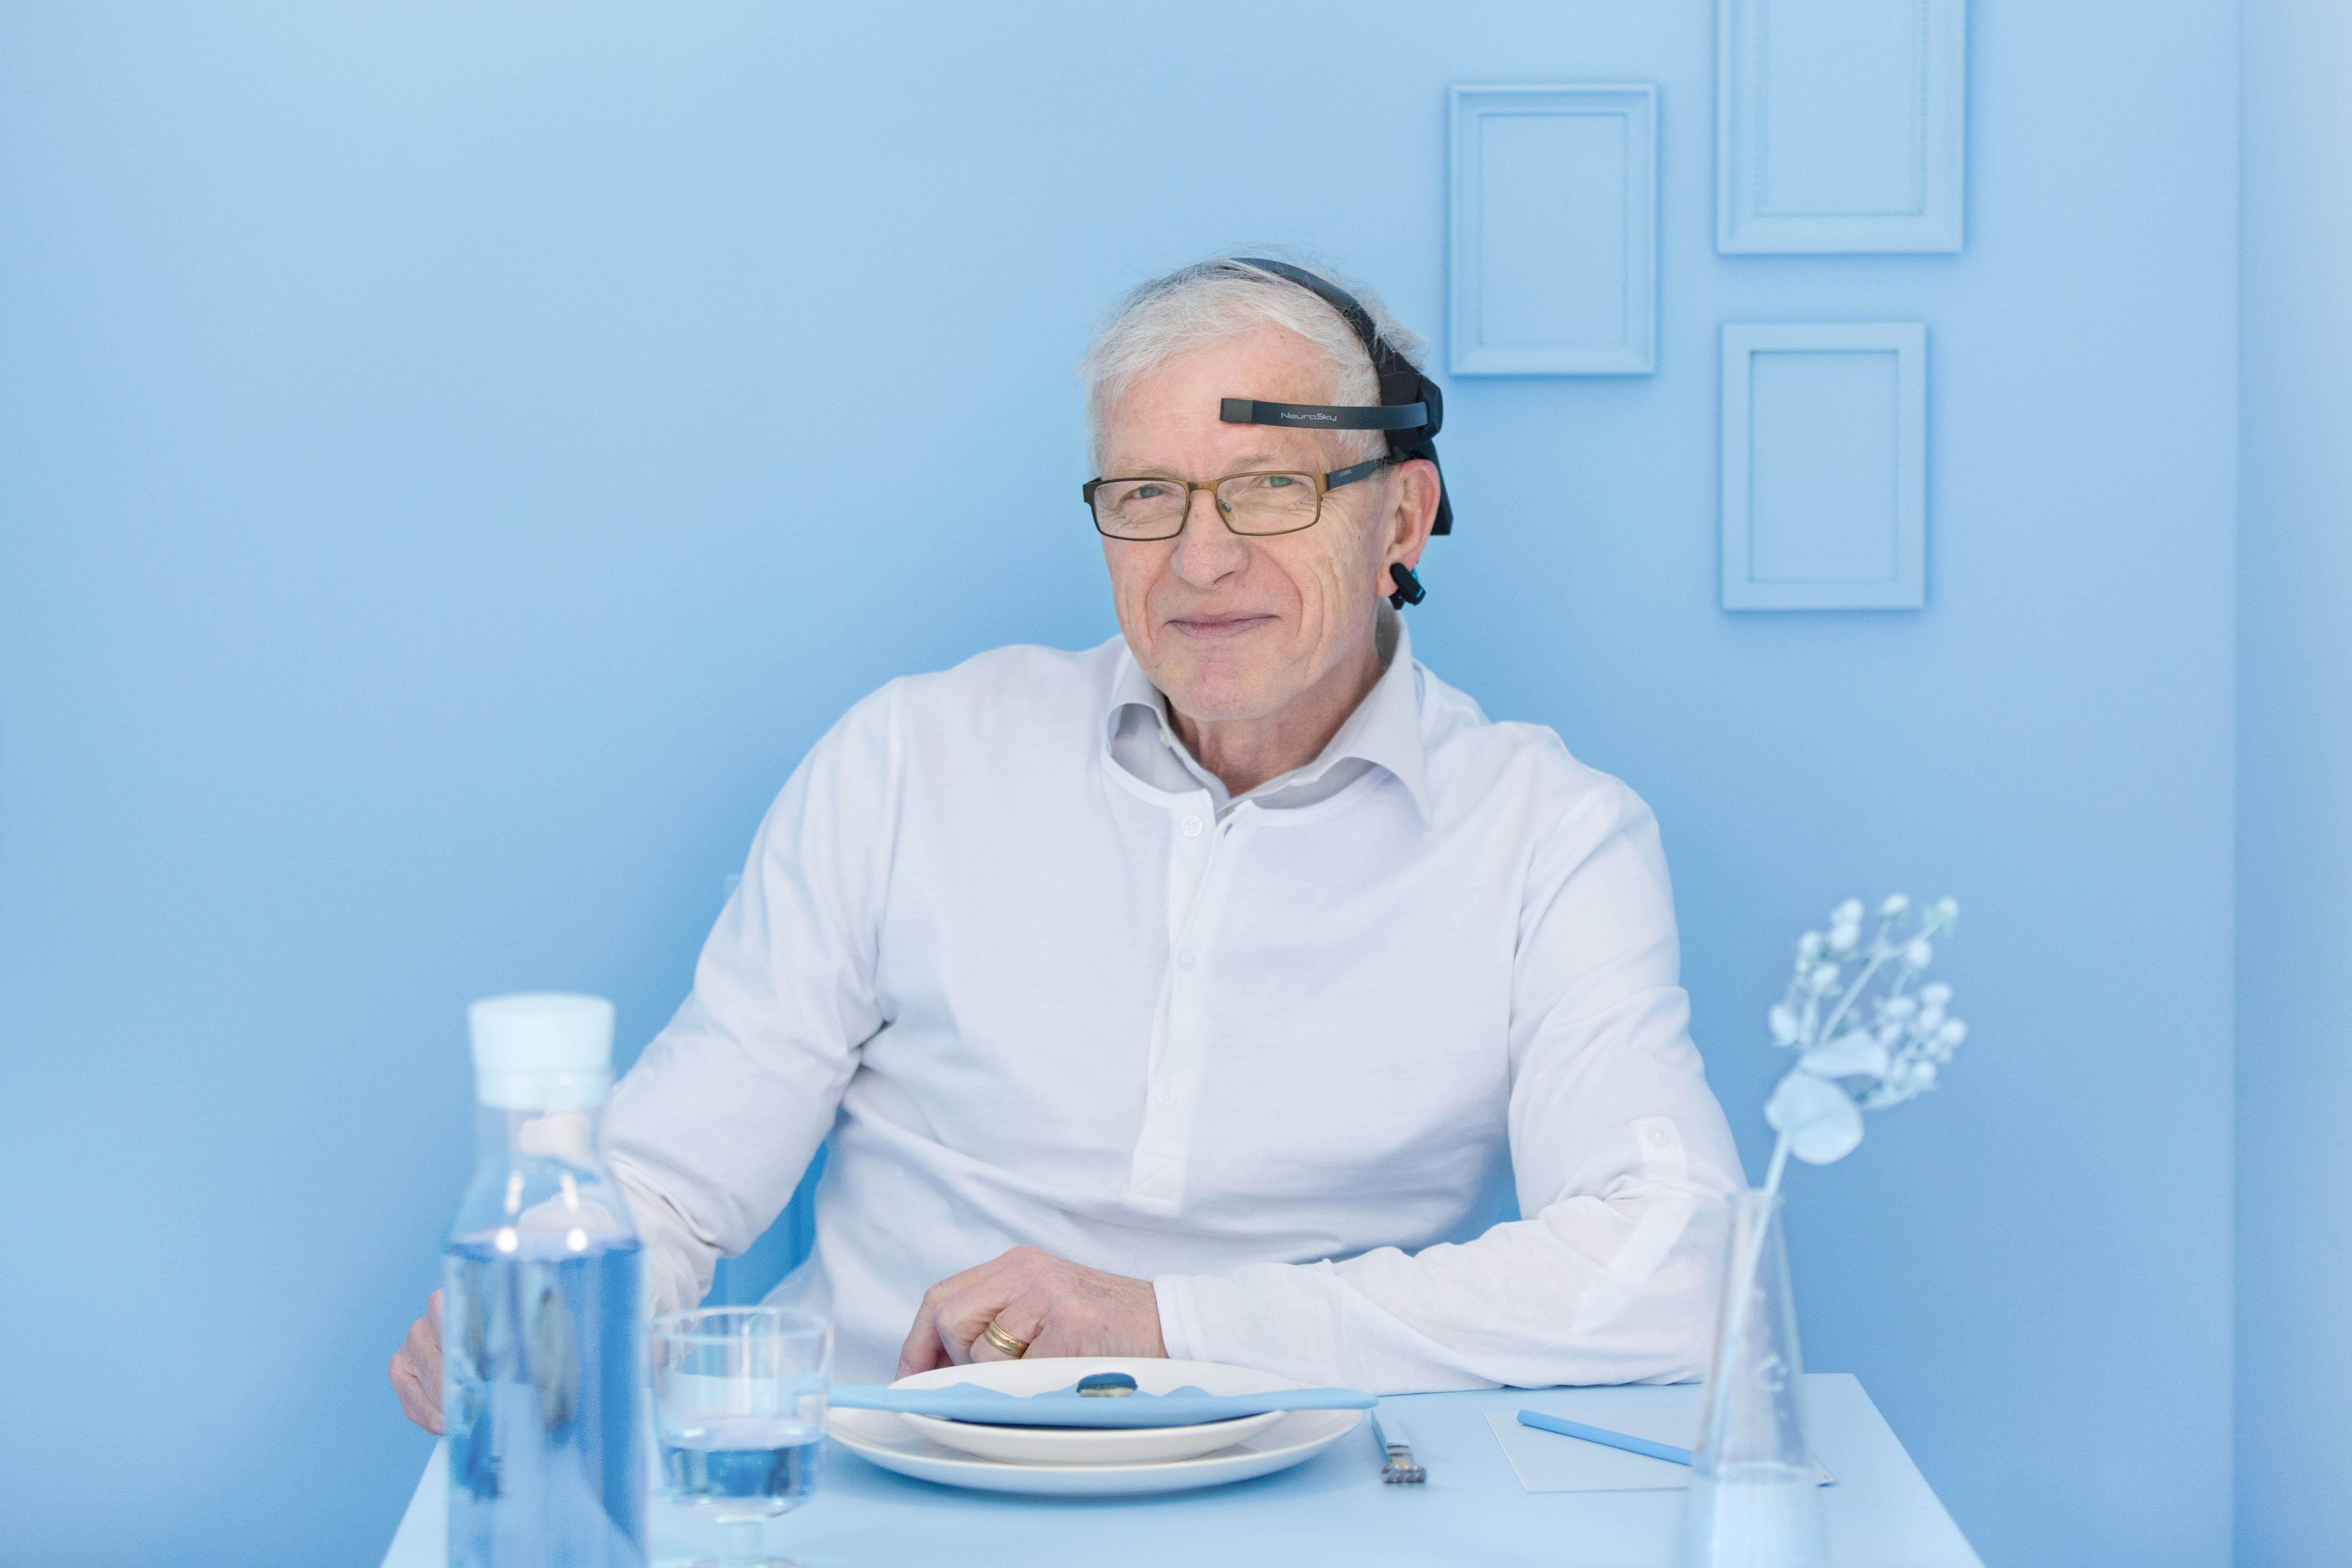 Výzkum mozkových vln značky Tork zjistil, jaká barva je nejvhodnější pro restaurace.